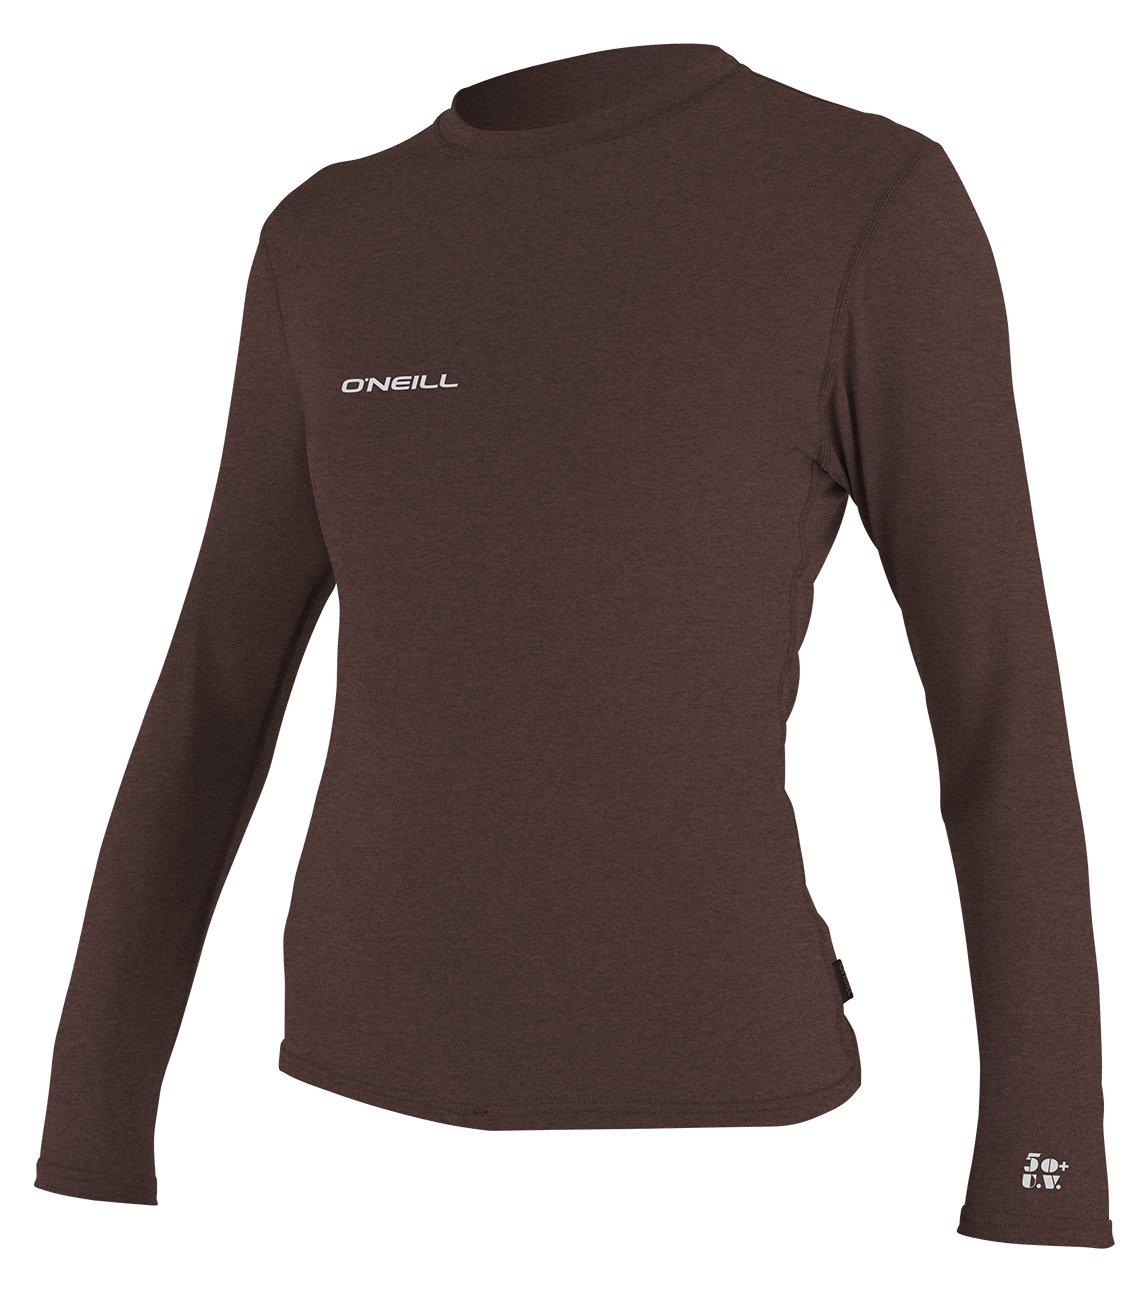 O'Neill Women's Hybrid UPF 50+ Long Sleeve Sun Shirt, Pepper, X-Small